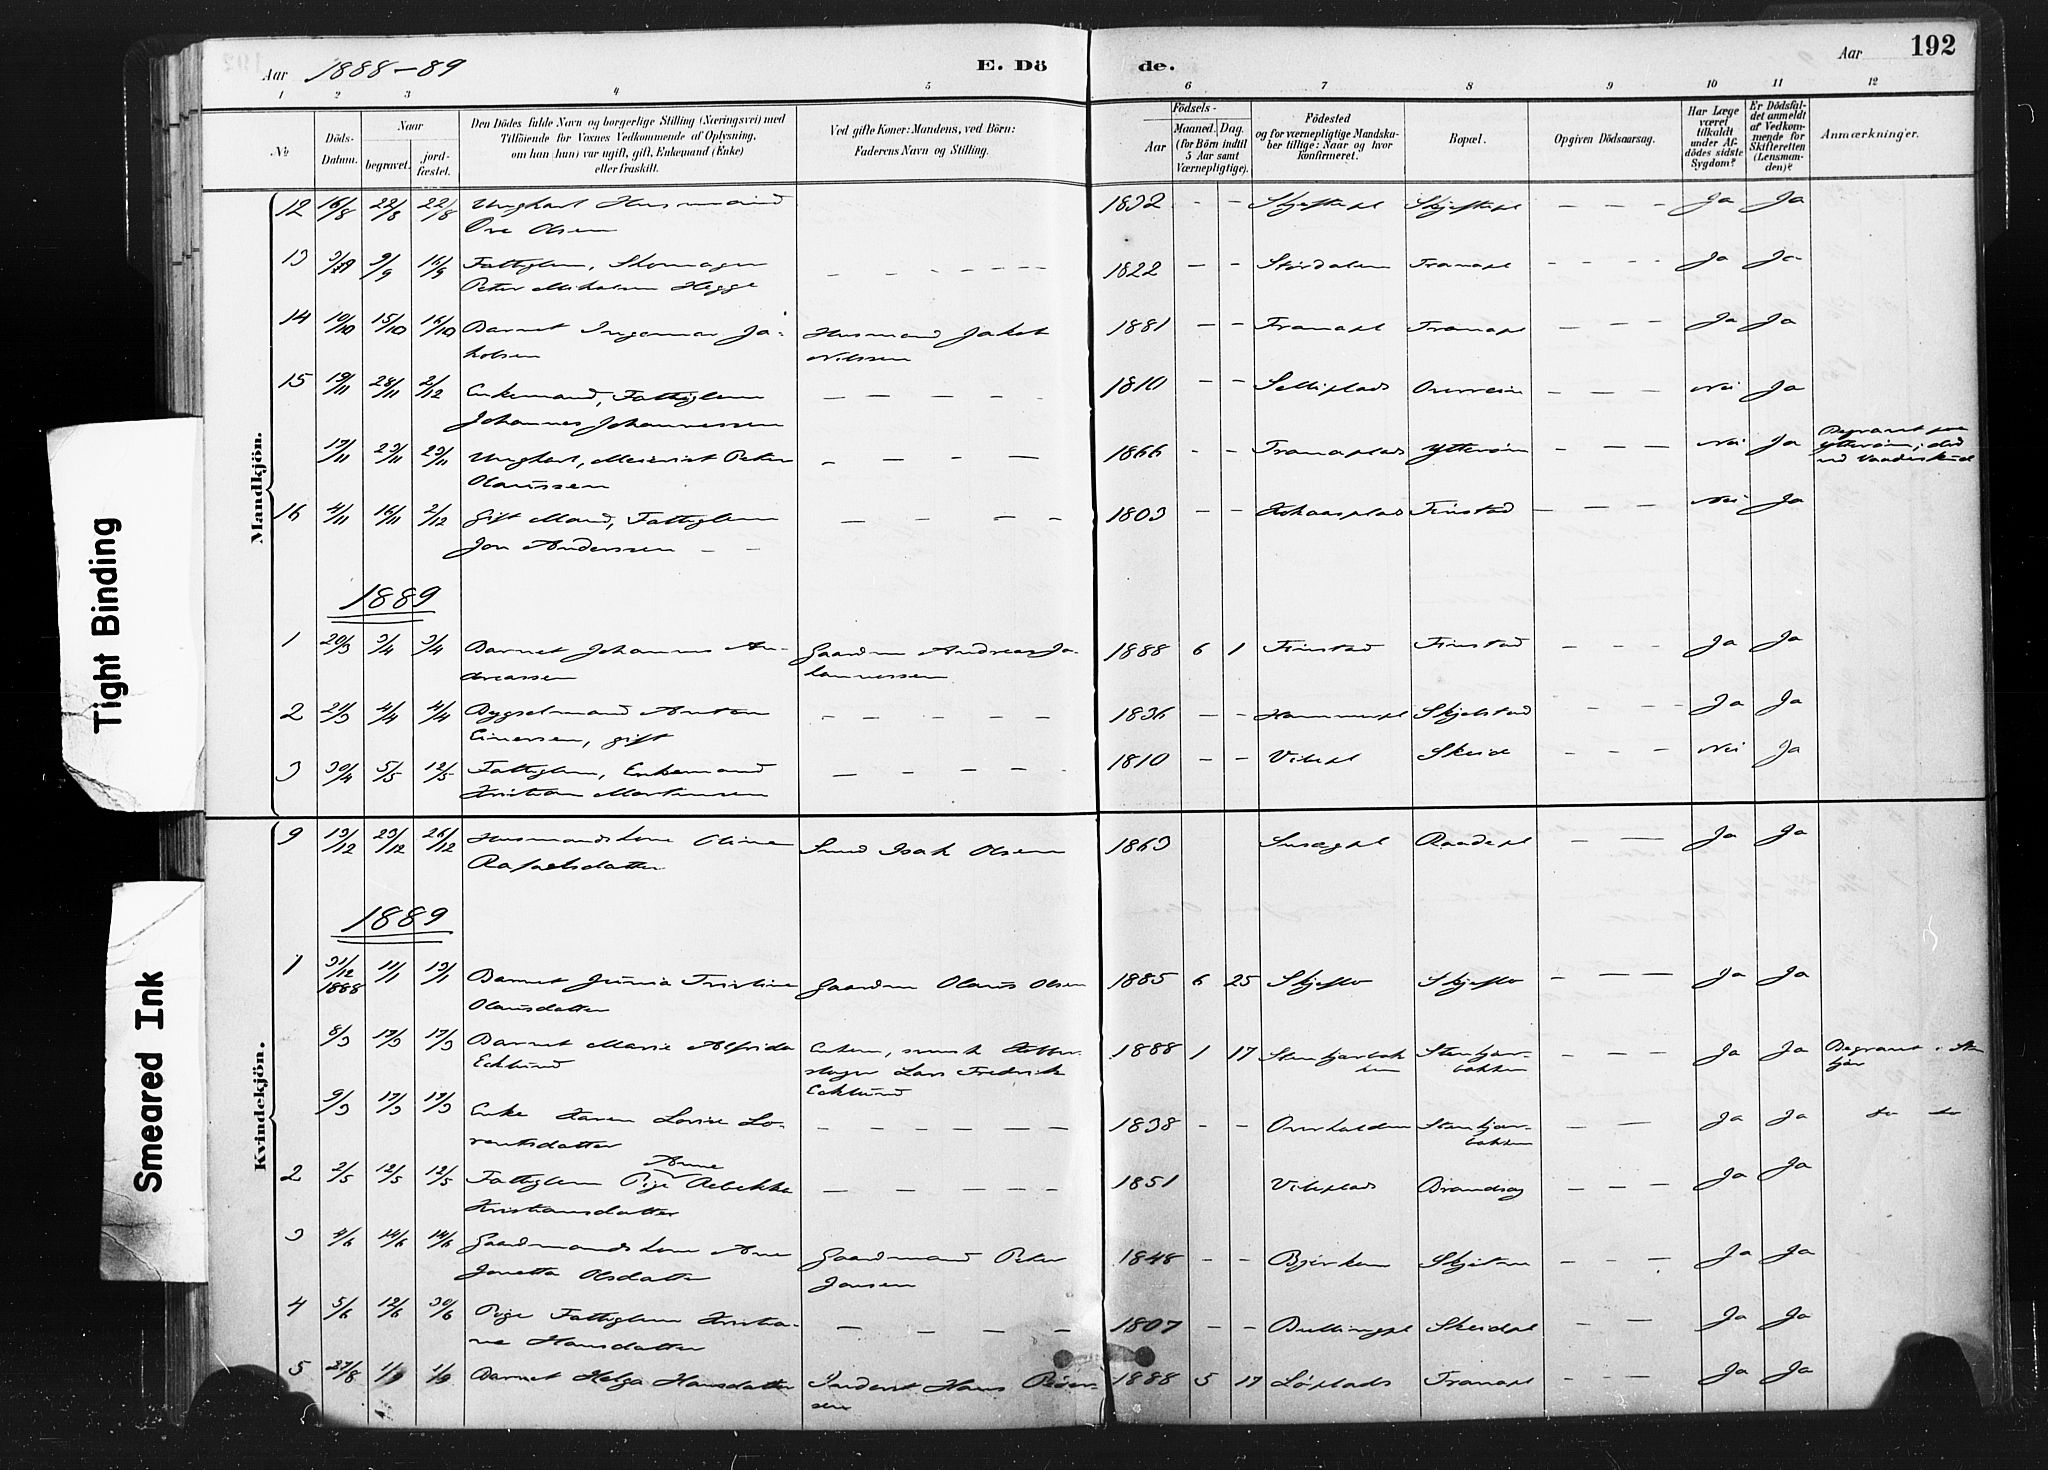 SAT, Ministerialprotokoller, klokkerbøker og fødselsregistre - Nord-Trøndelag, 736/L0361: Ministerialbok nr. 736A01, 1884-1906, s. 192